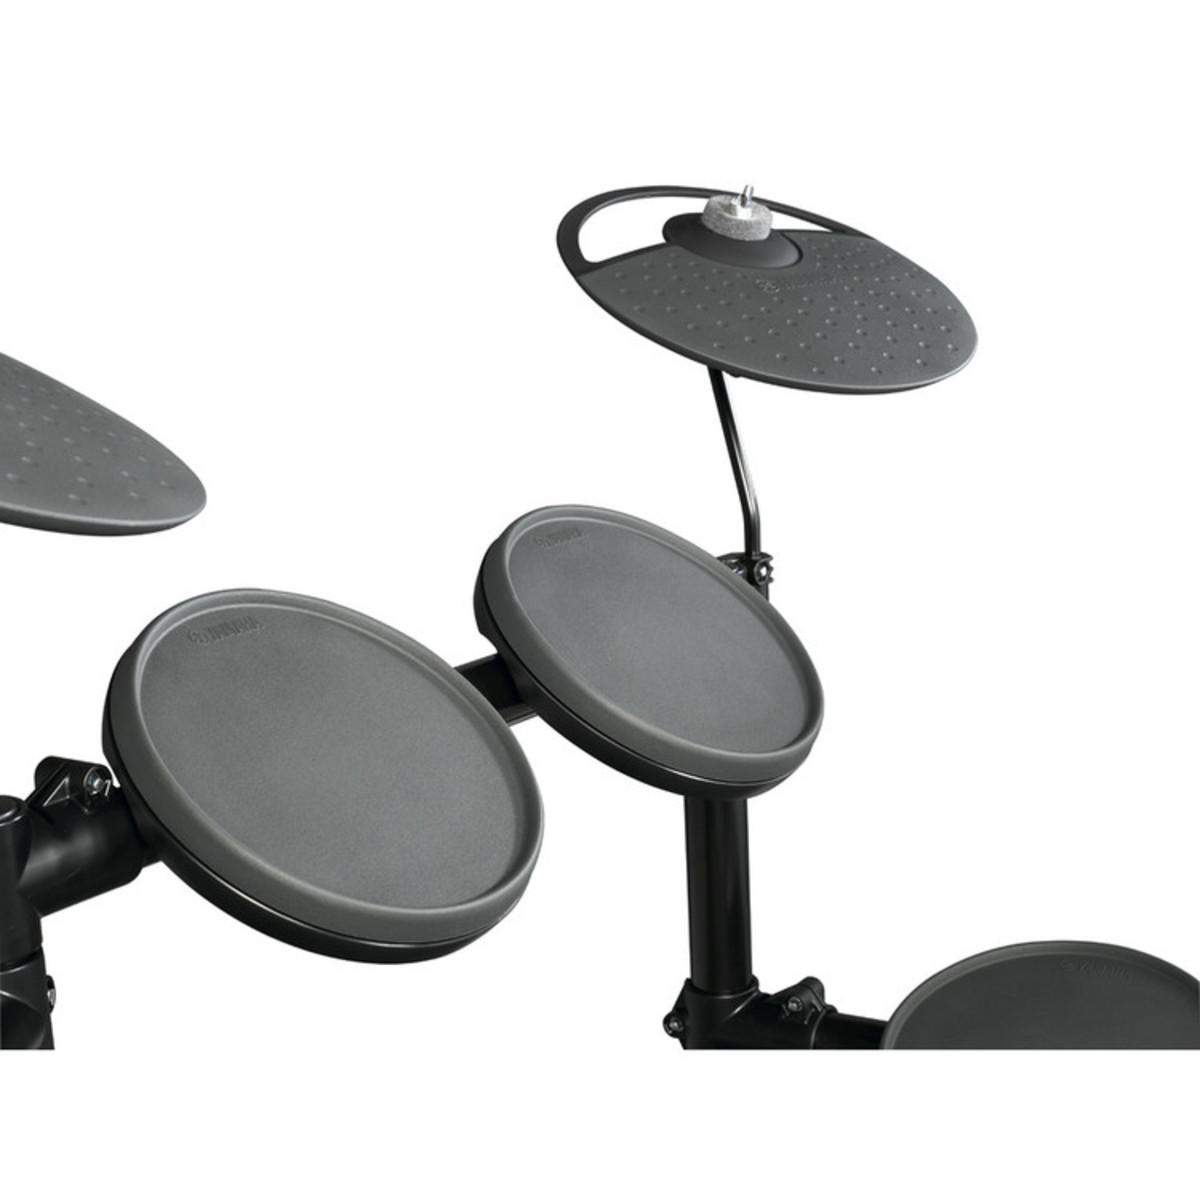 Yamaha dtx450k electronic drum kit at for Yamaha dtx450k 5 piece electronic drum kit